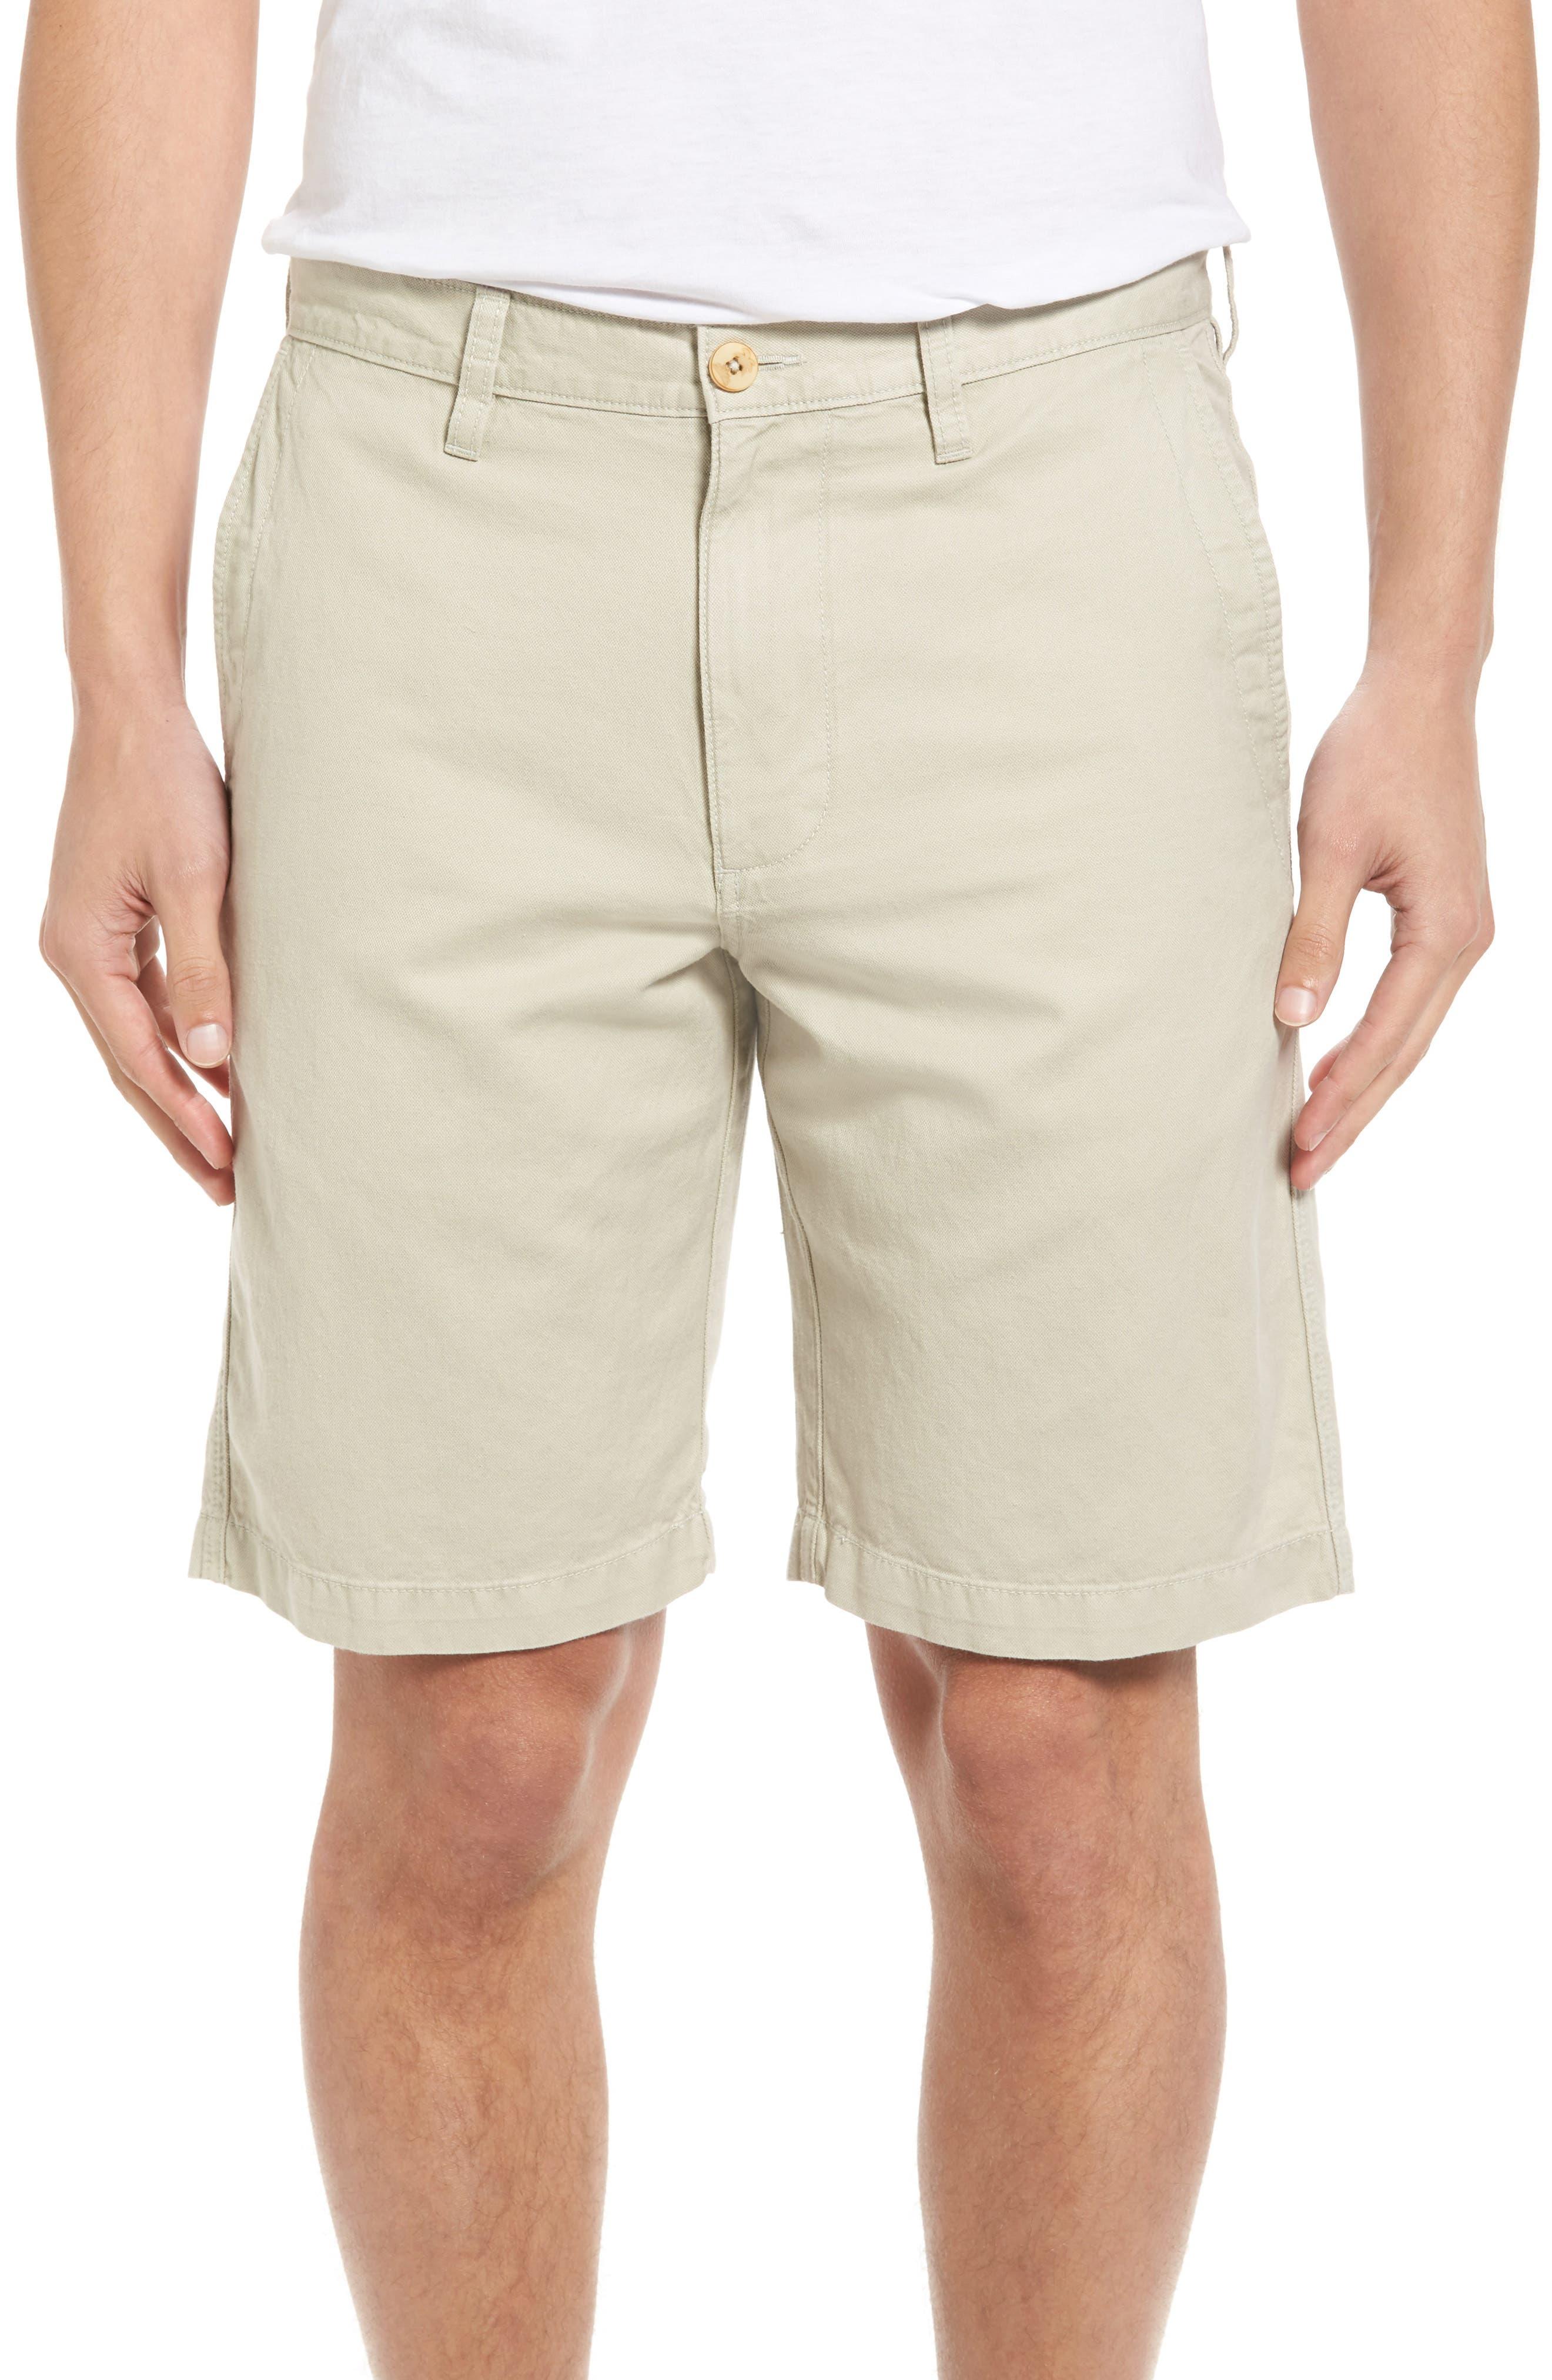 Tommy Bahama Aegean Flat Front Chino Shorts (Regular & Big)